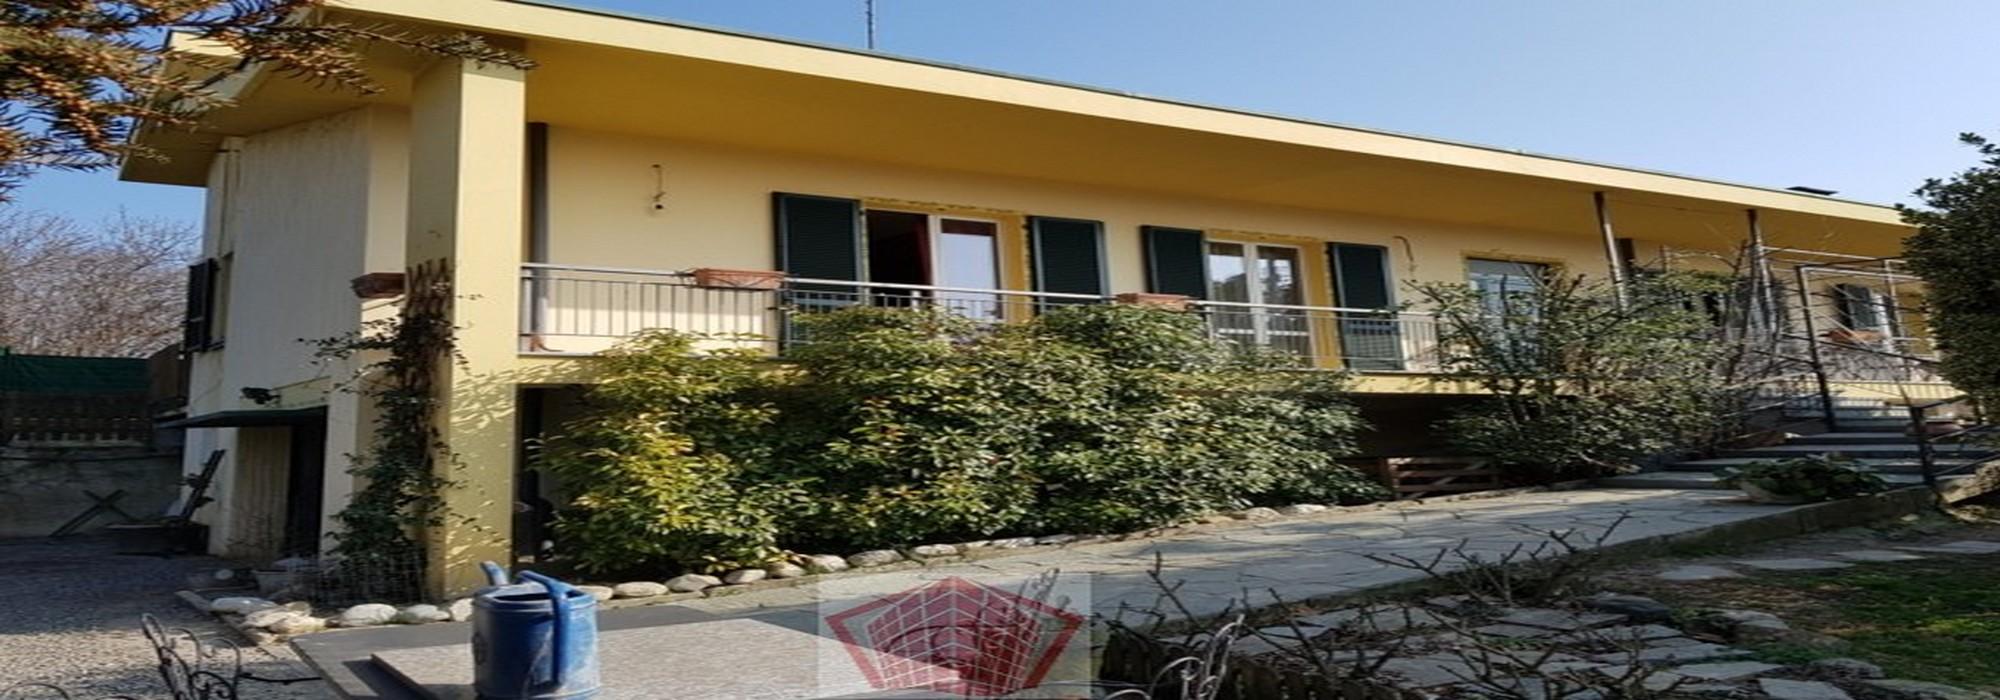 Canneto Pavese VENDITA Villa singola con giardino Rif. 276